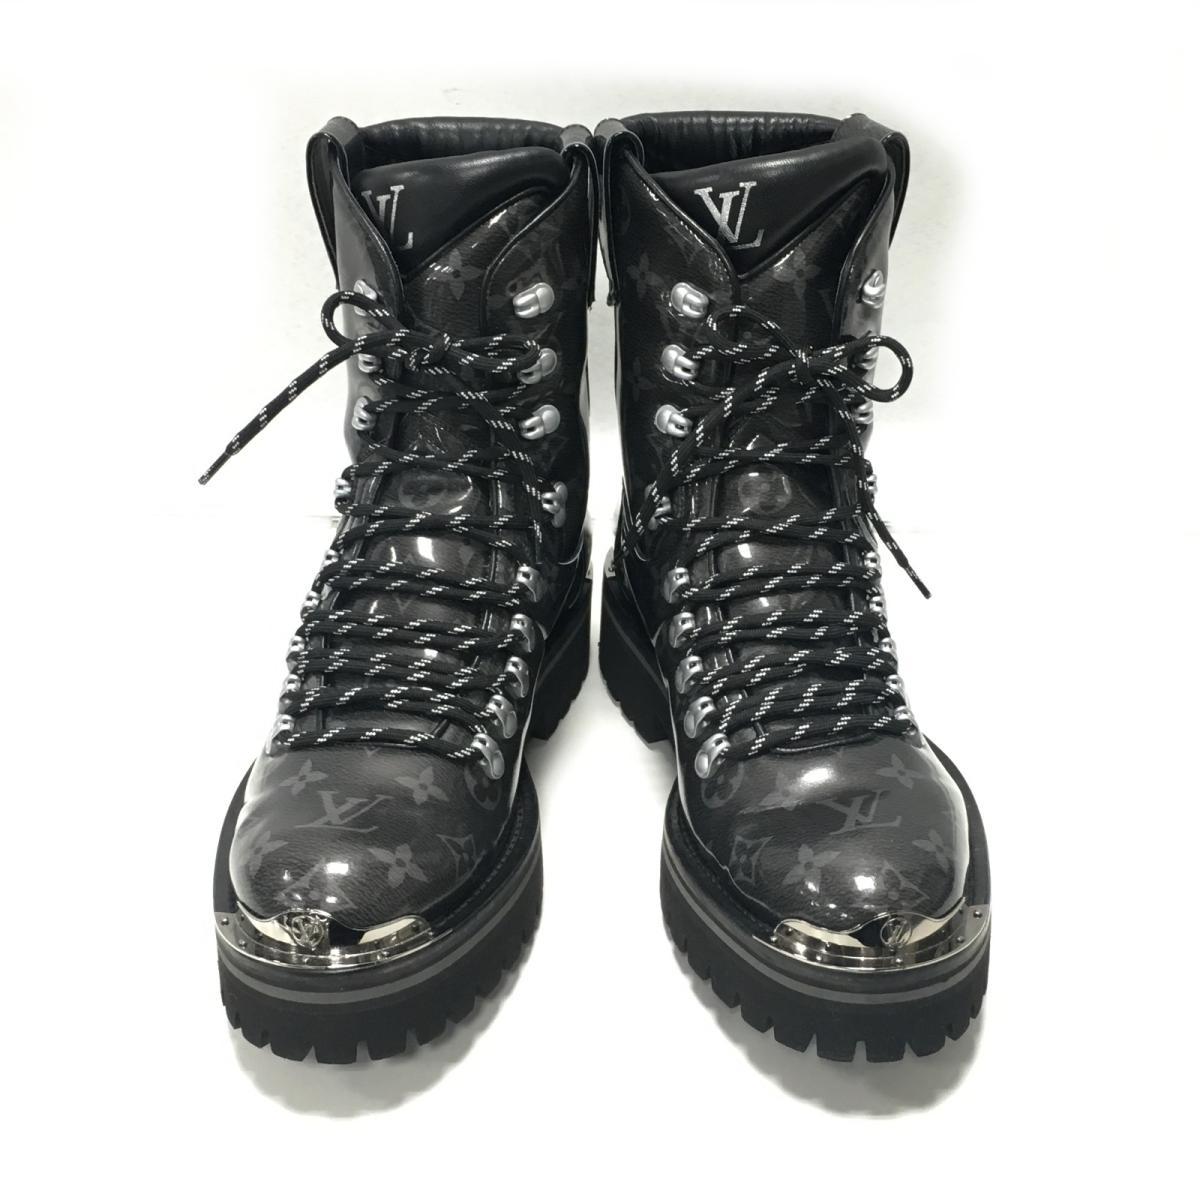 1c9219c369cd Auth LOUIS VUITTON Outland Line Ankle Boots Shoes 1A4K2J Monogram Glaze  Used